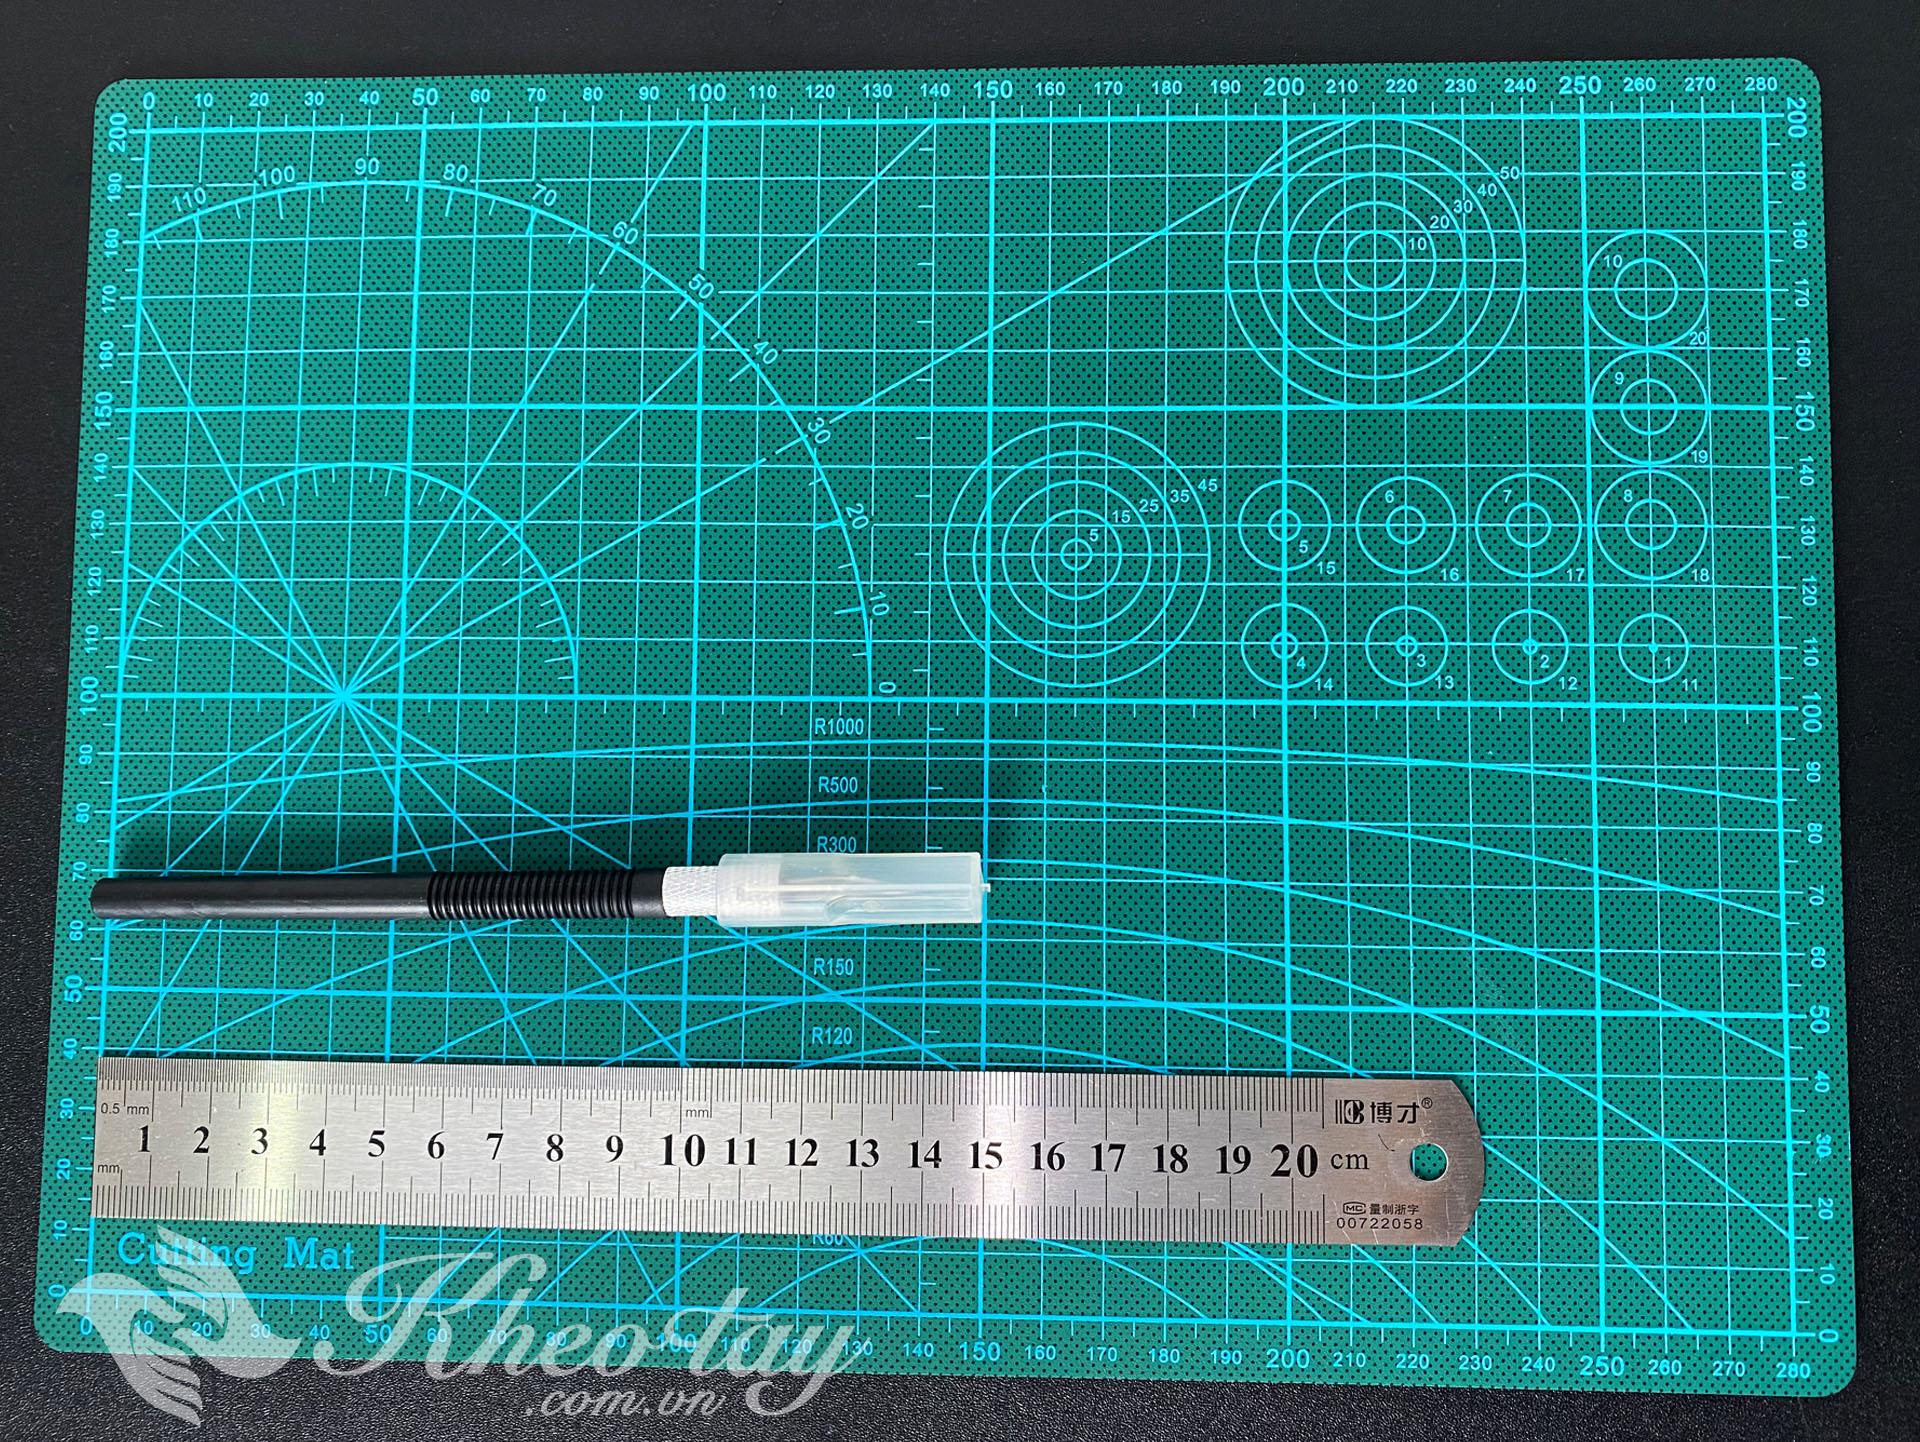 Bộ Combo Cutting mat A4 + thước 20cm + dao trổ KHÔNG kèm bộ lưỡi thay thế